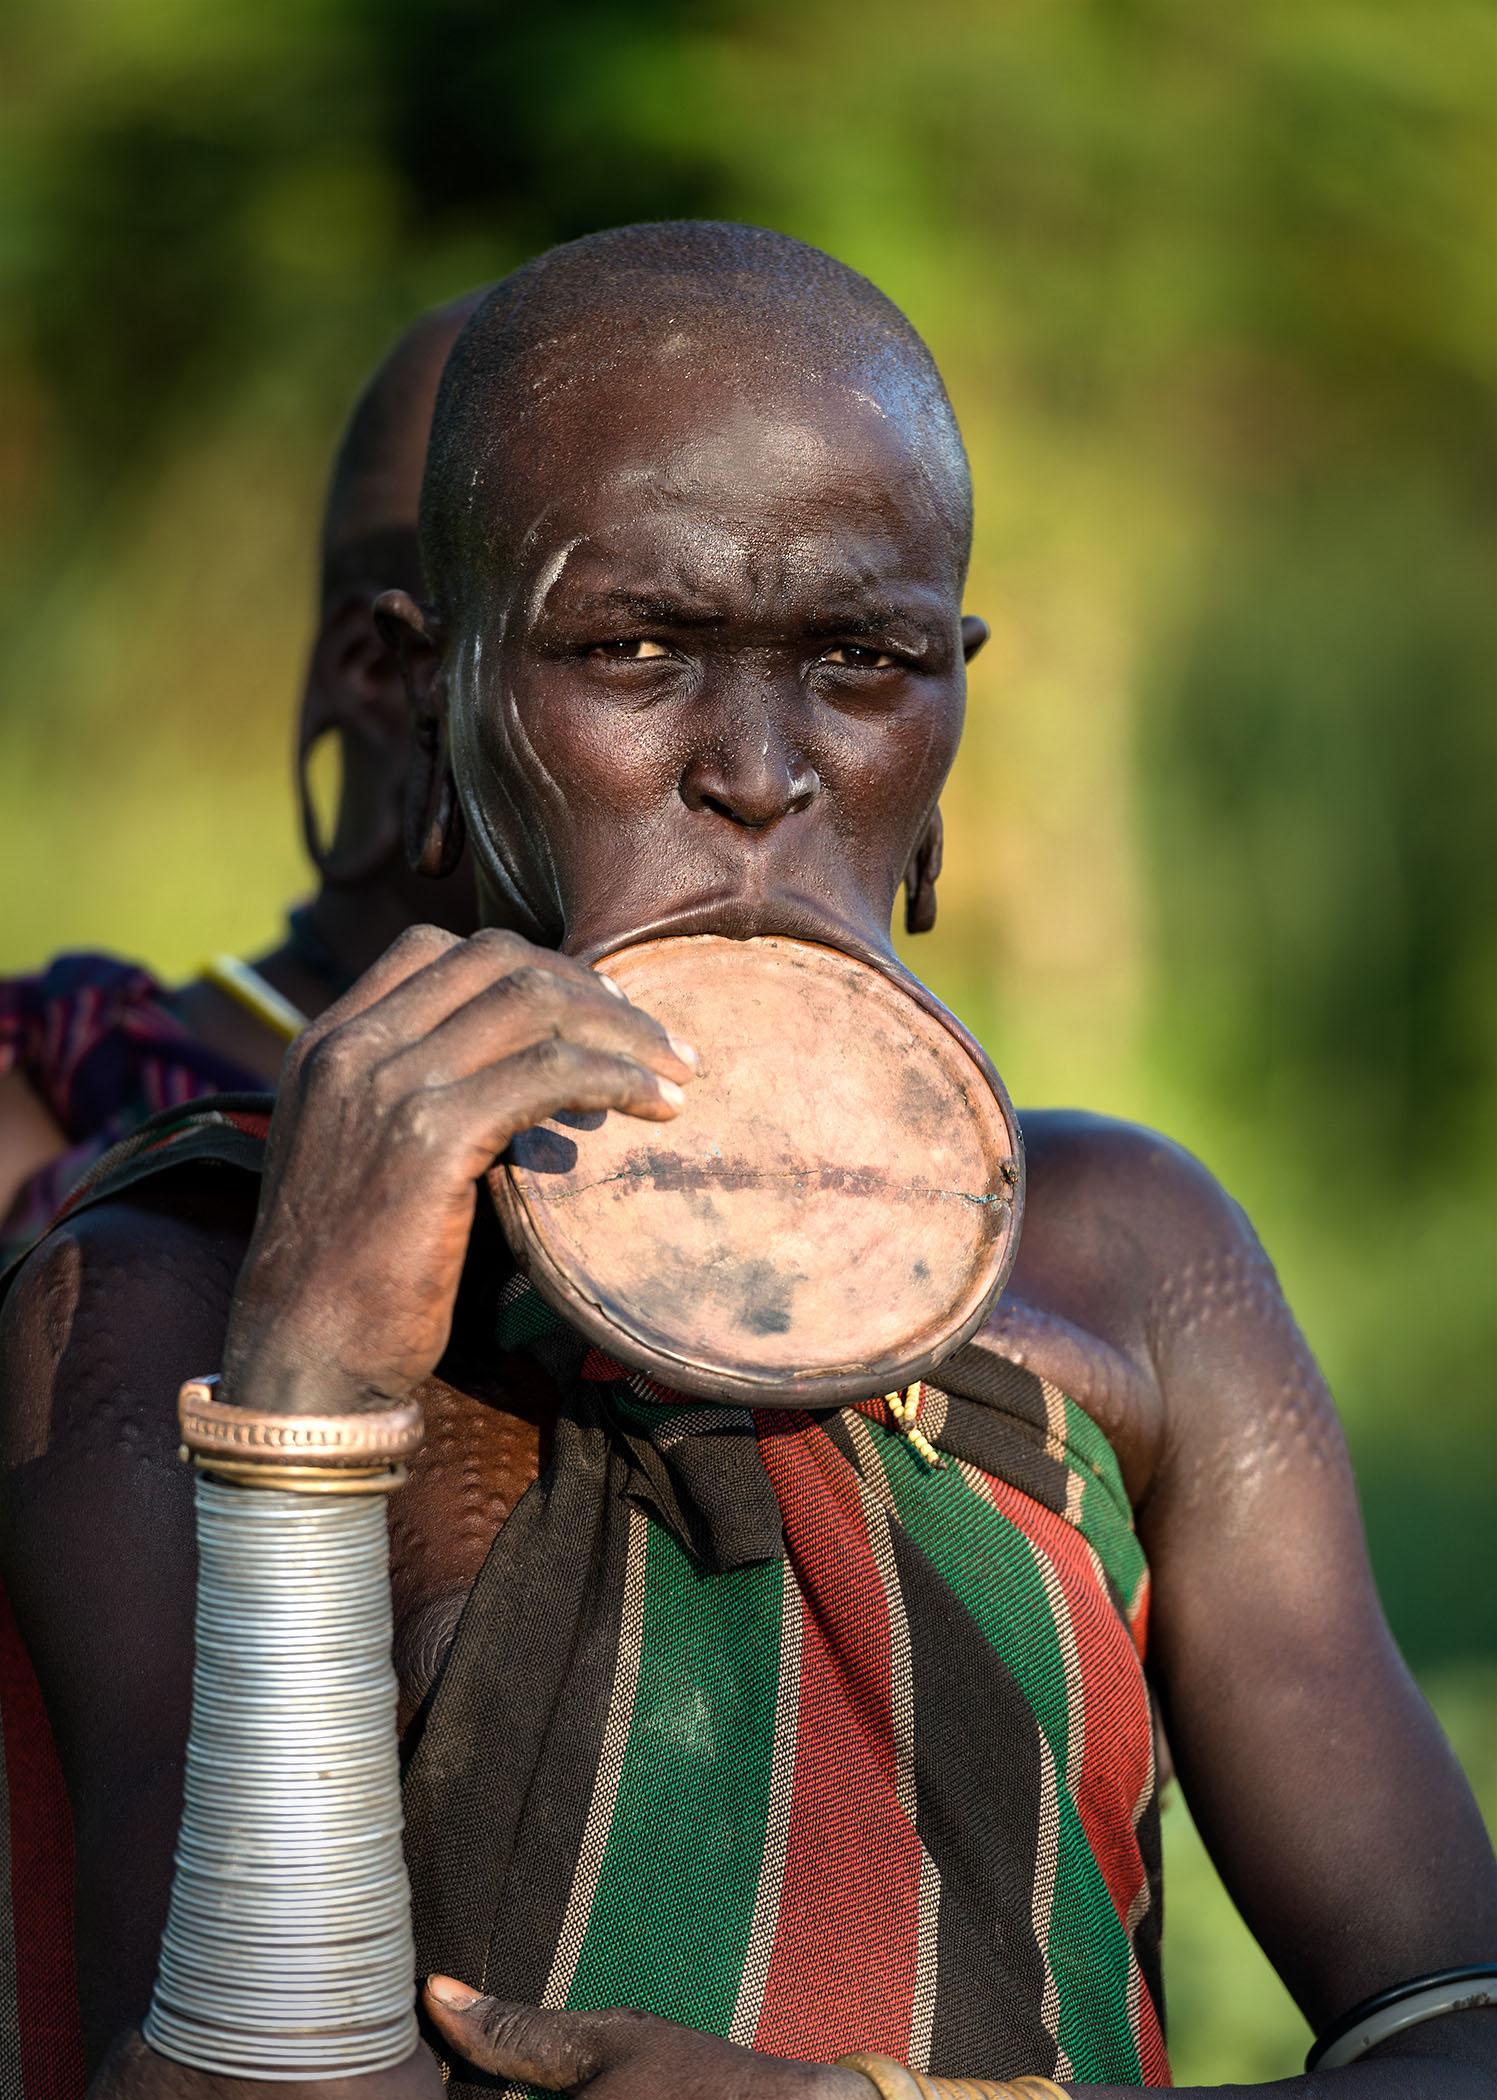 The Mursi tribe, Omo Valley, Ethiopia.